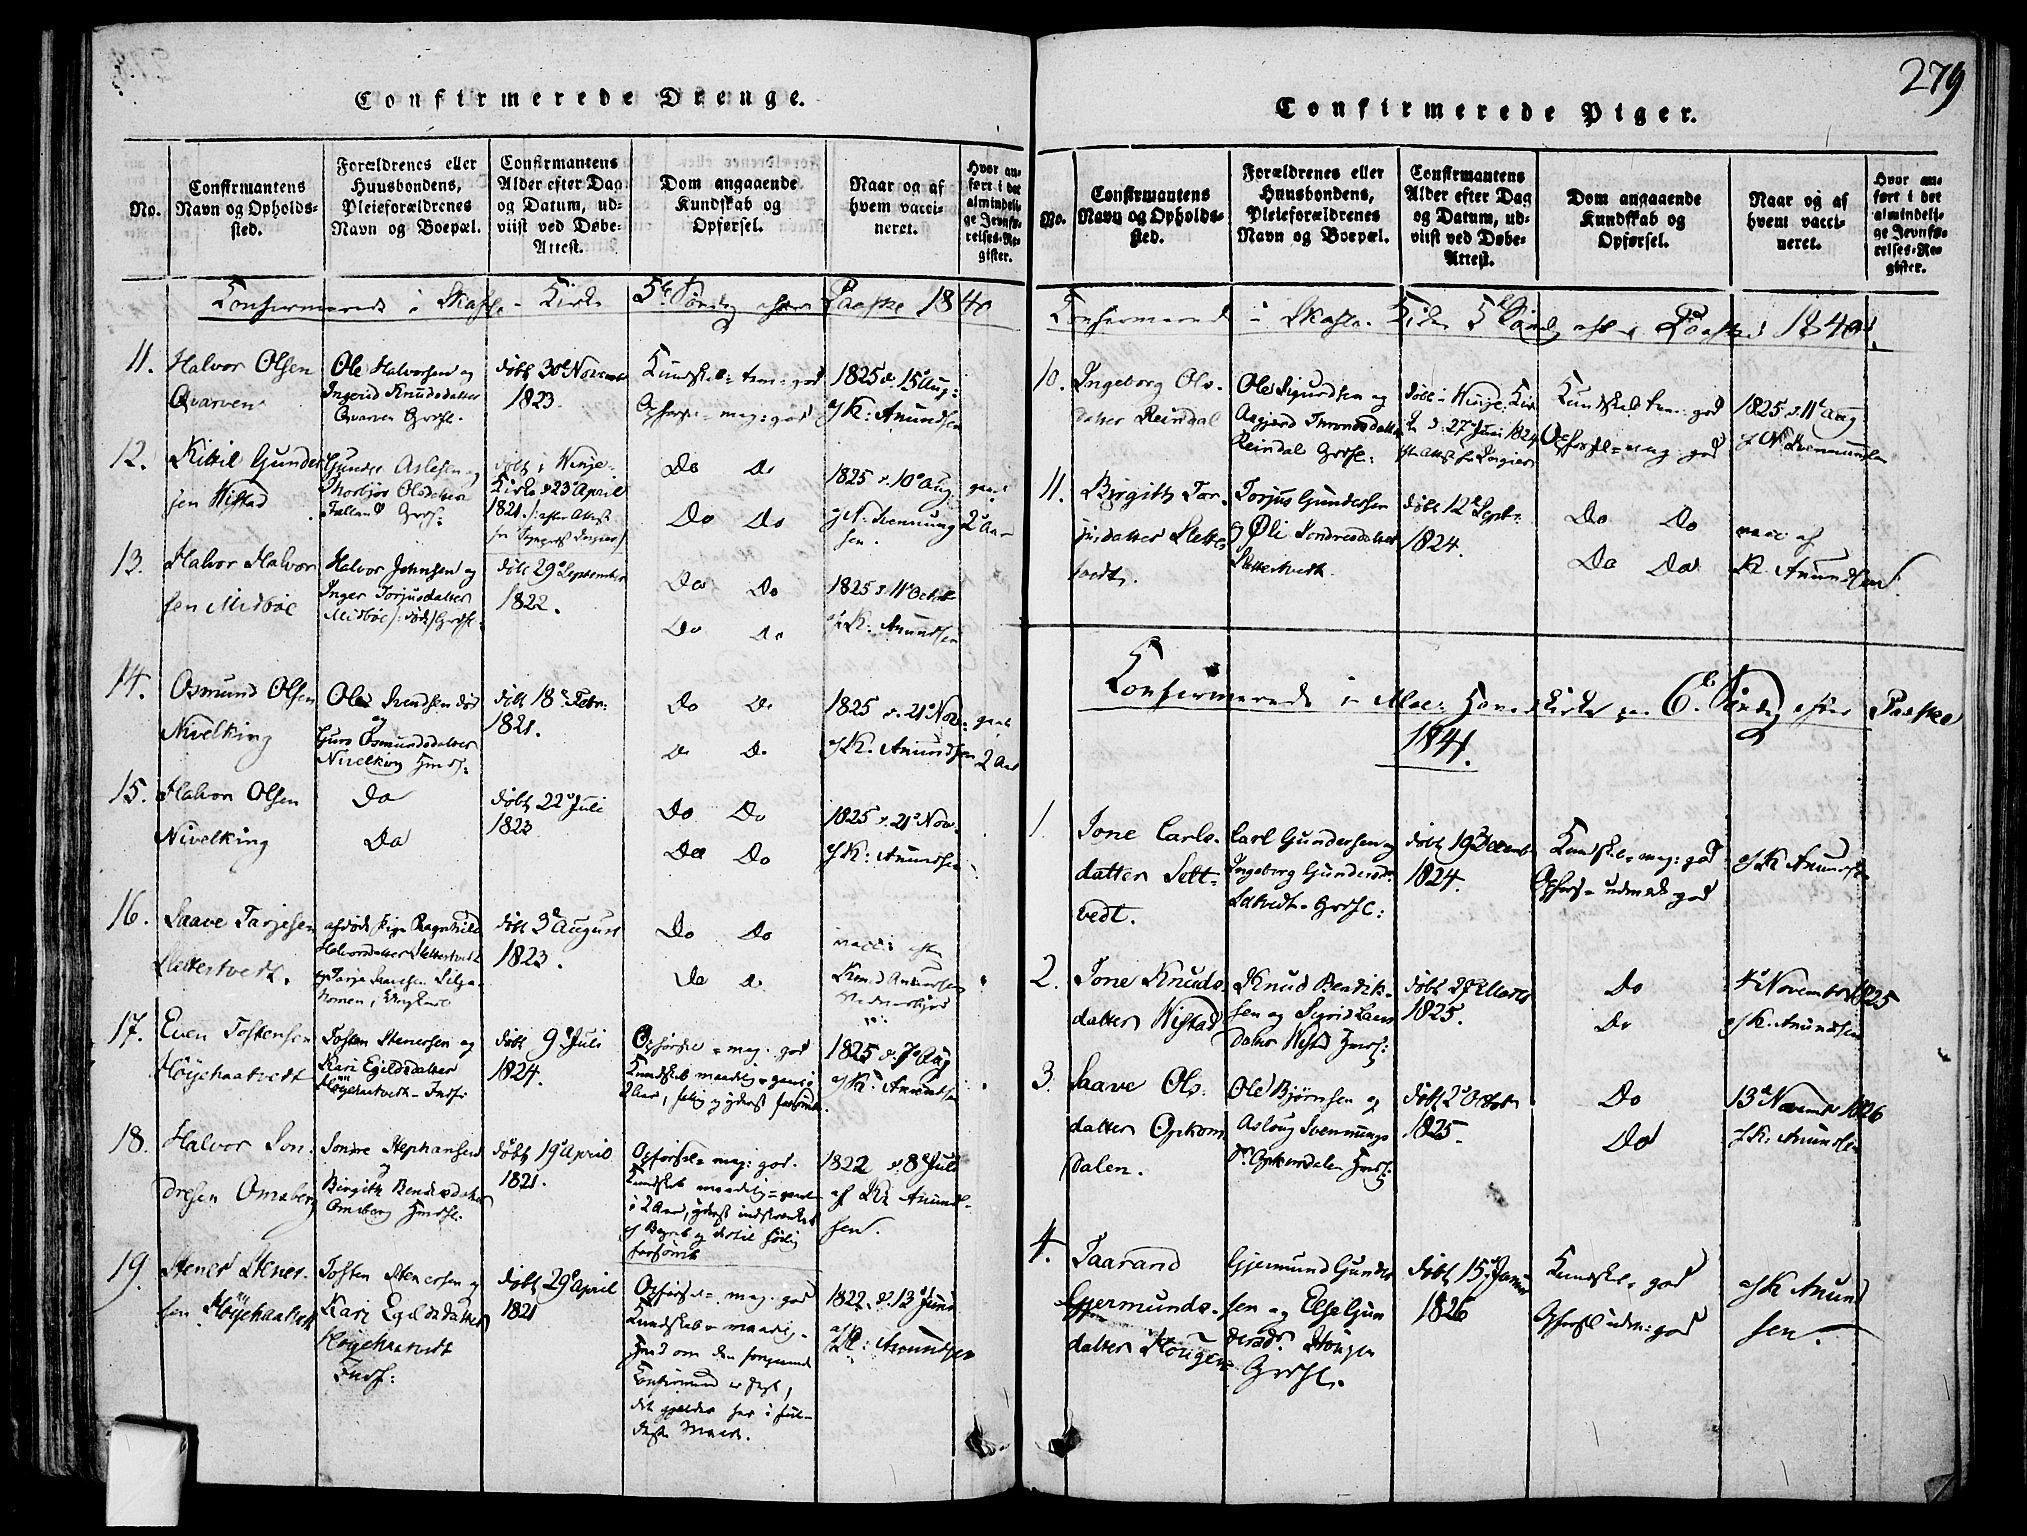 SAKO, Mo kirkebøker, F/Fa/L0004: Ministerialbok nr. I 4, 1814-1844, s. 279